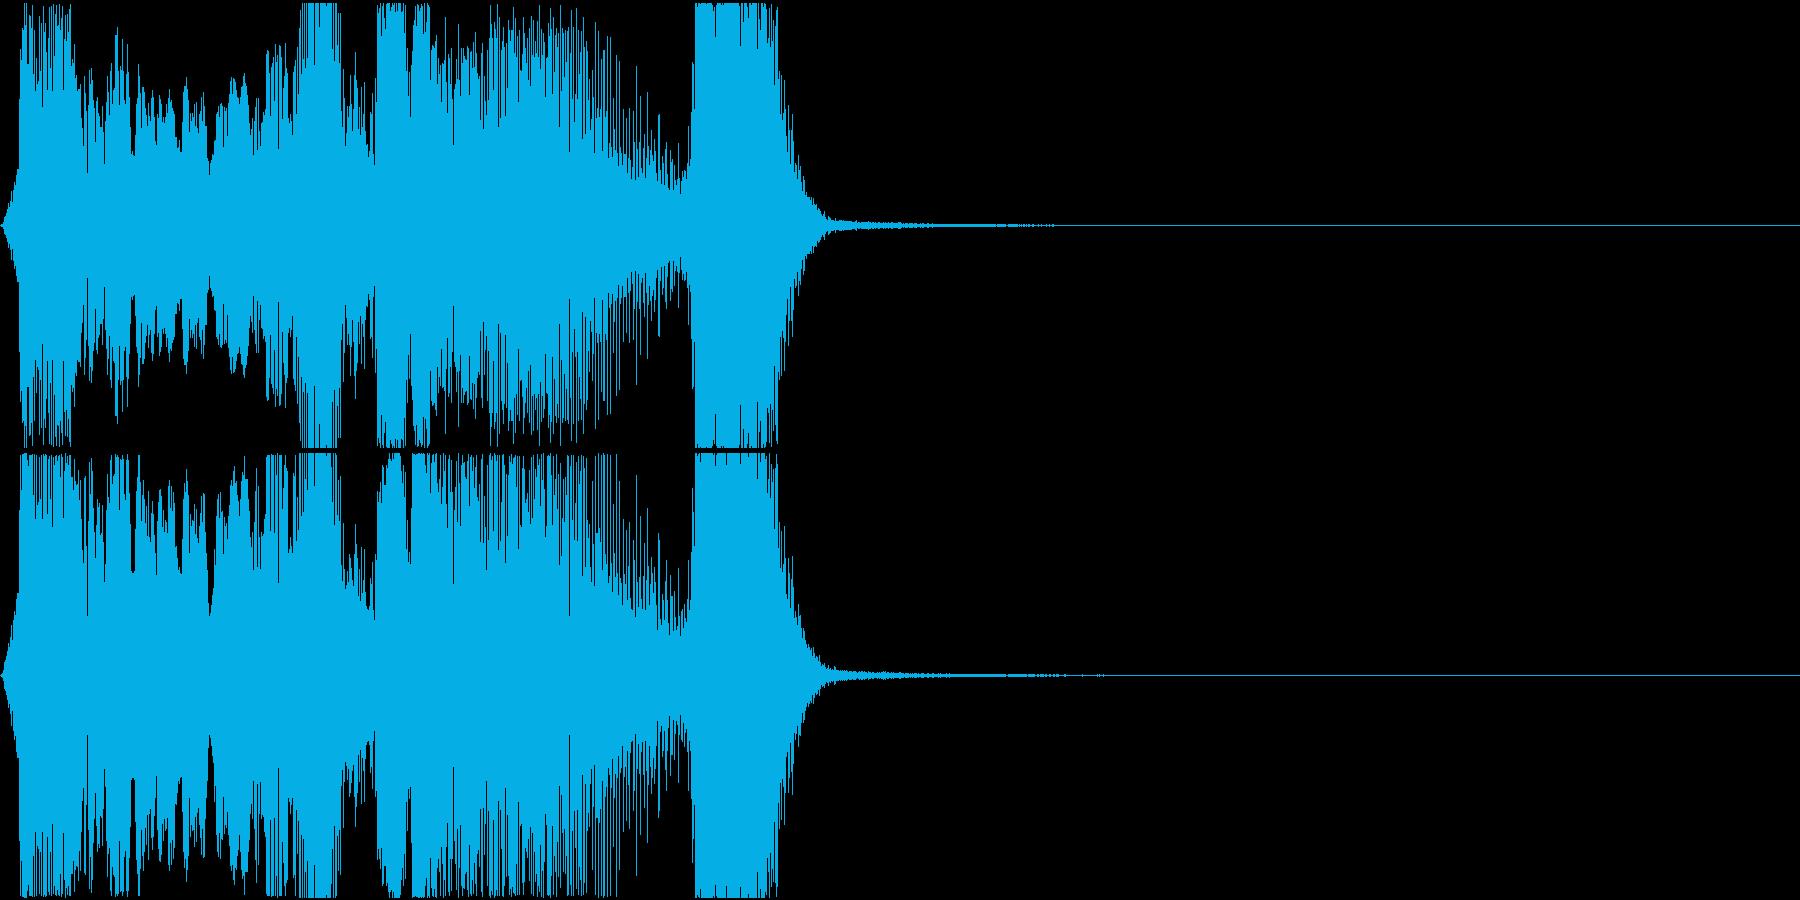 「ボーナスチャンス」アプリ・ゲーム用の再生済みの波形